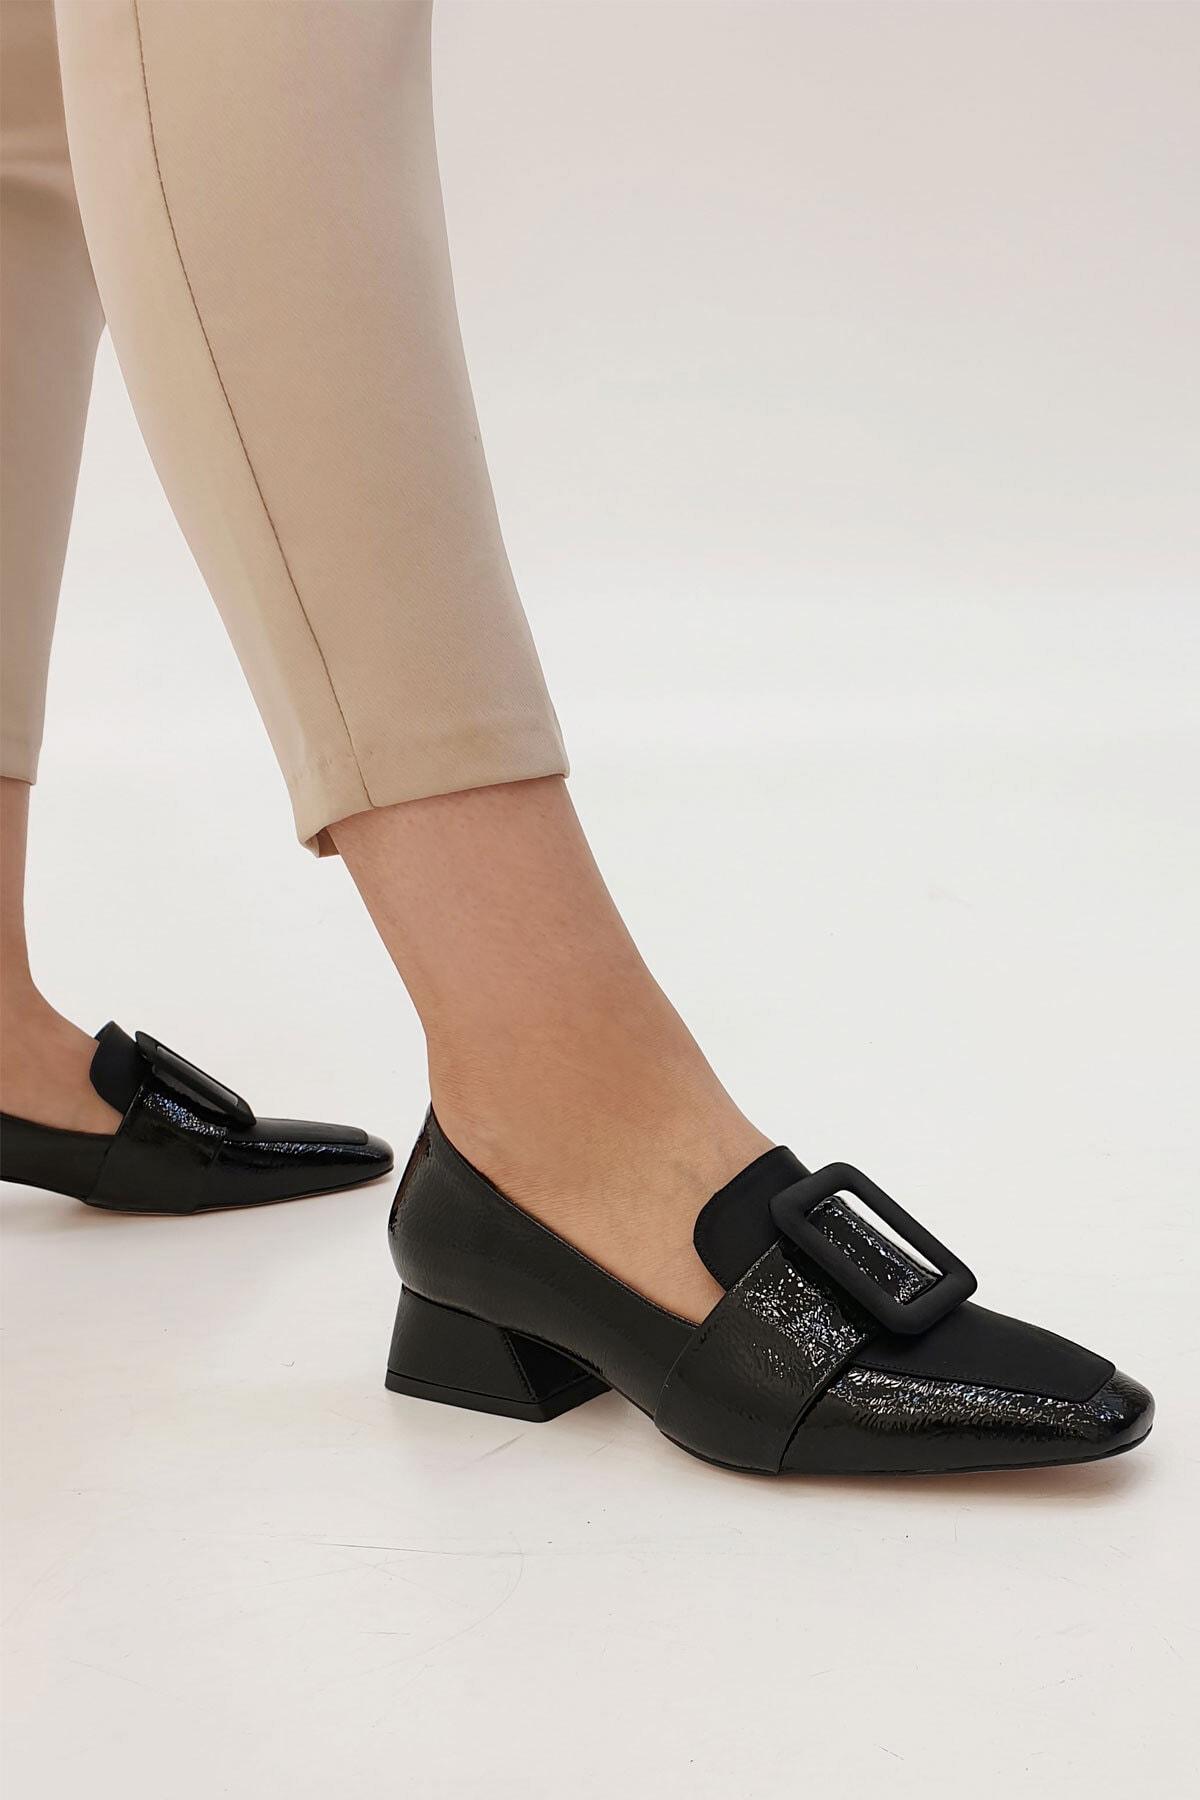 Marjin Jiyona Kadın Klasik Topuklu Ayakkabısiyah Rugan 1